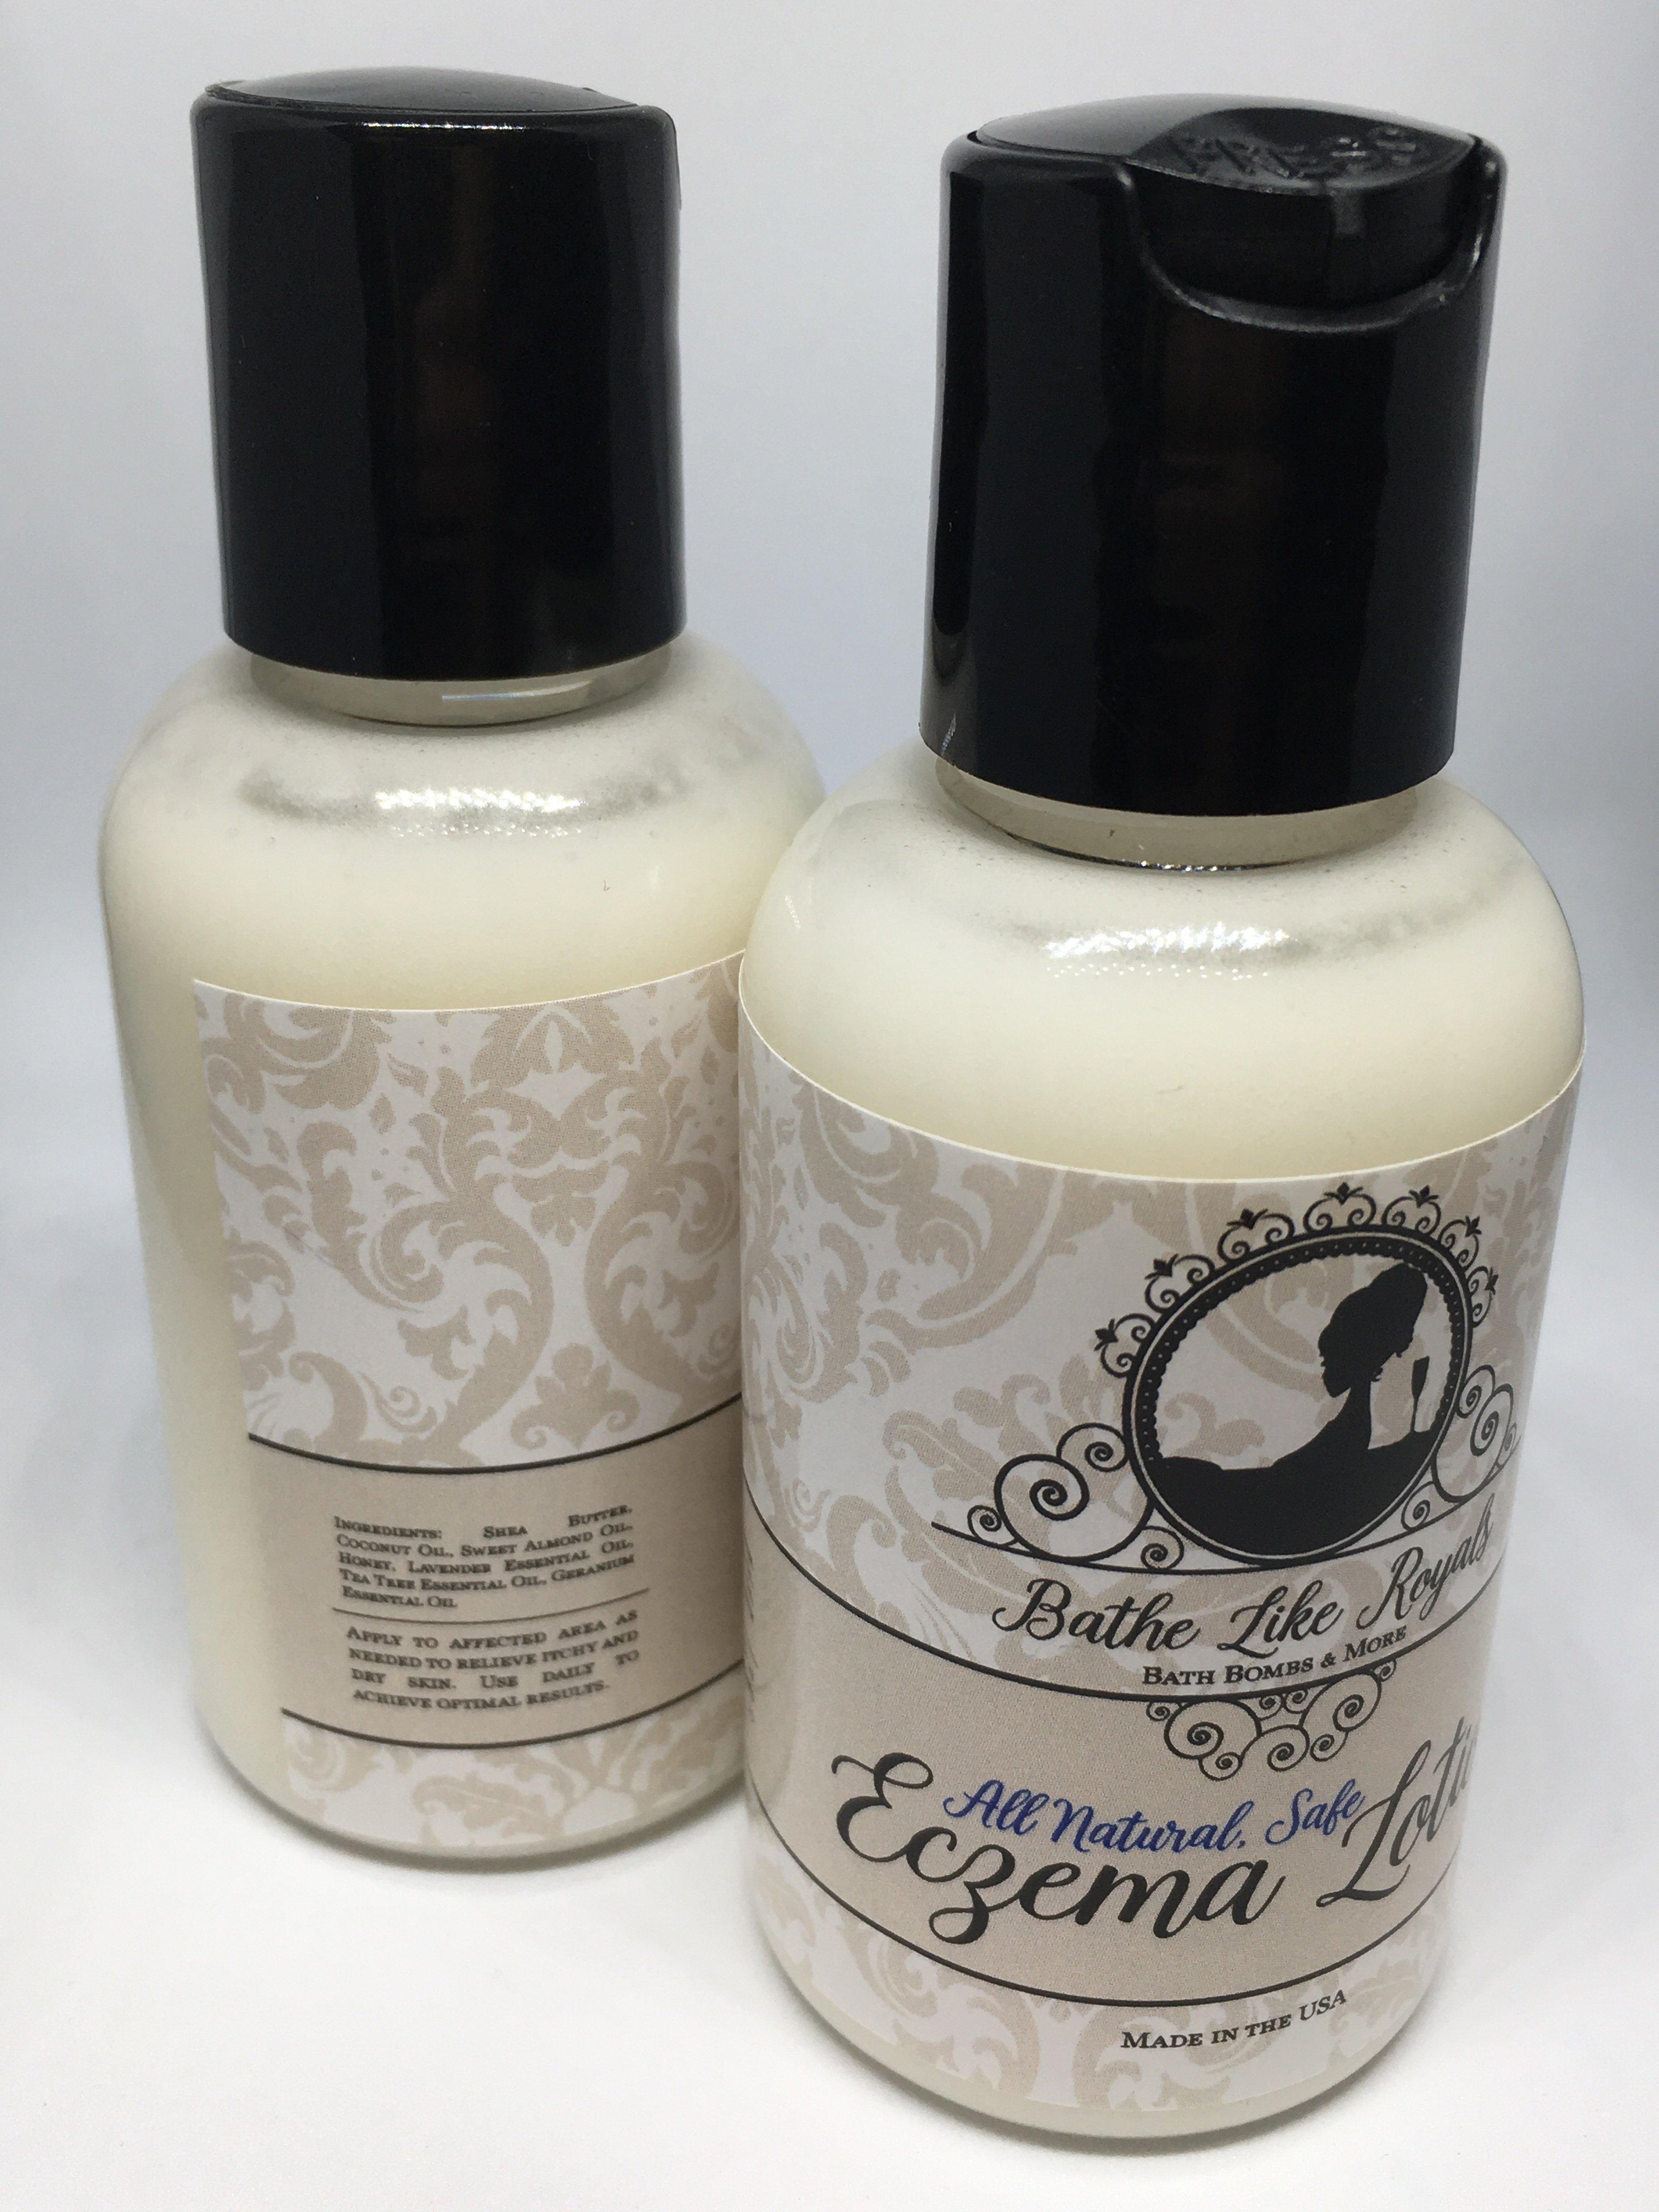 All Natural, Homemade Eczema Lotion - 2oz EczLotion2